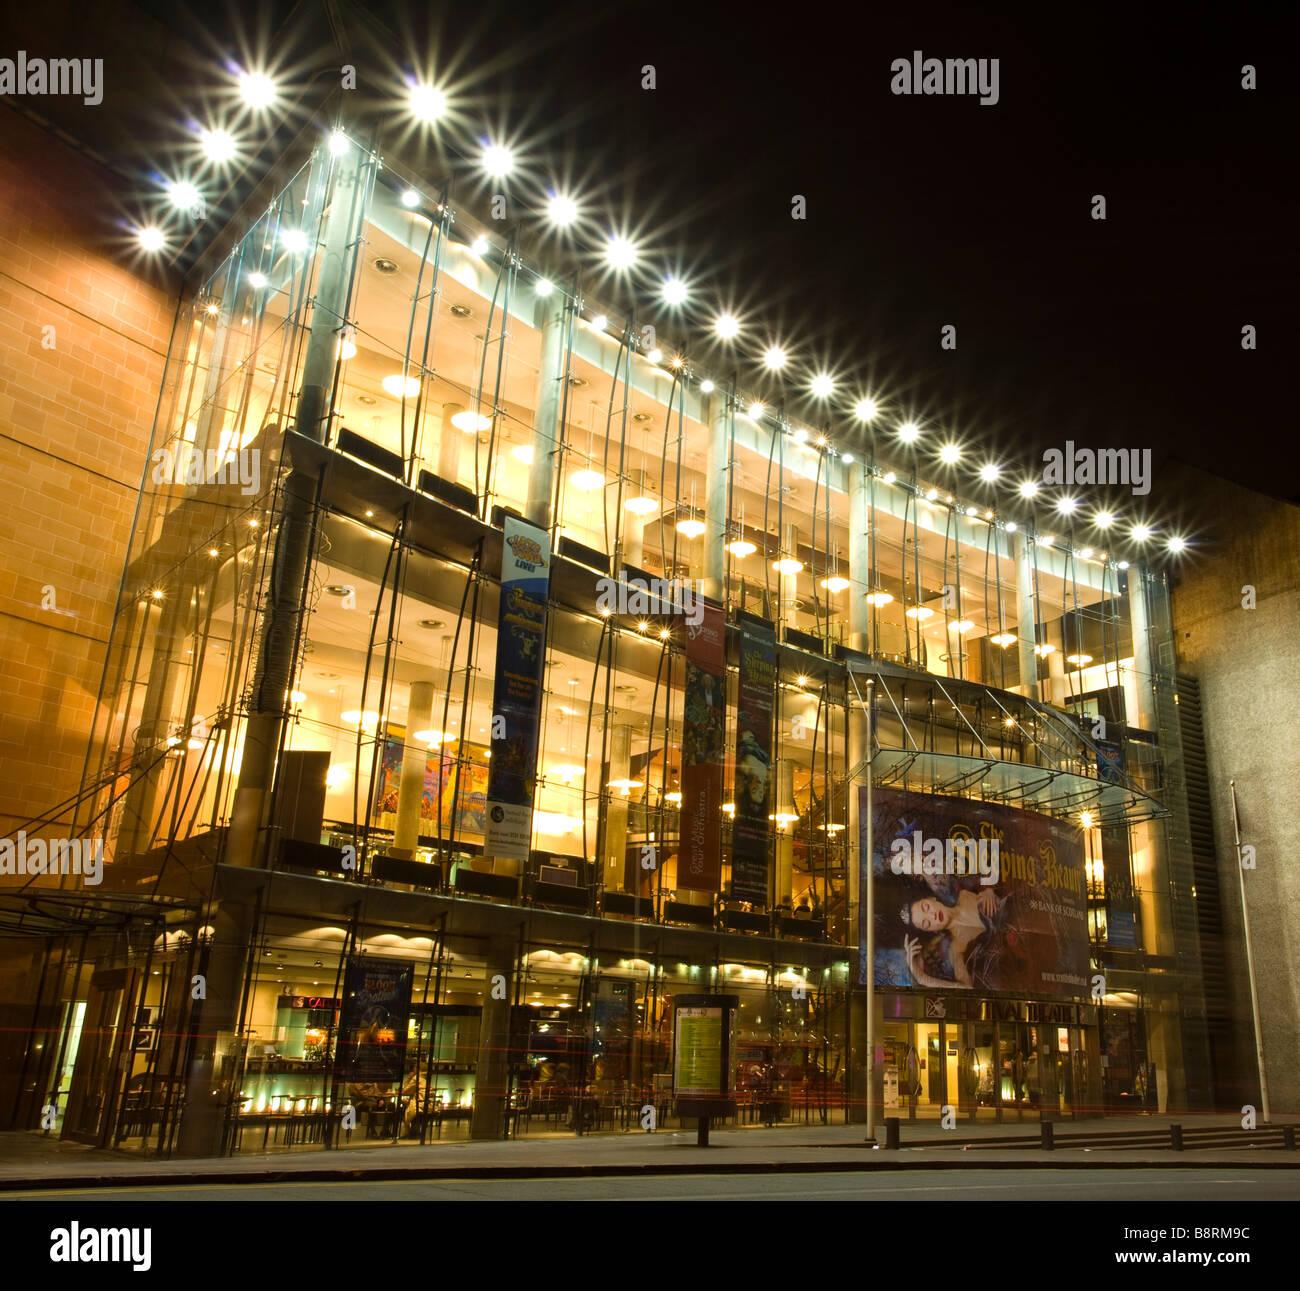 Scotland Edinburgh Festival Theatre The modern glass facade of the Festival Theatre - Stock Image